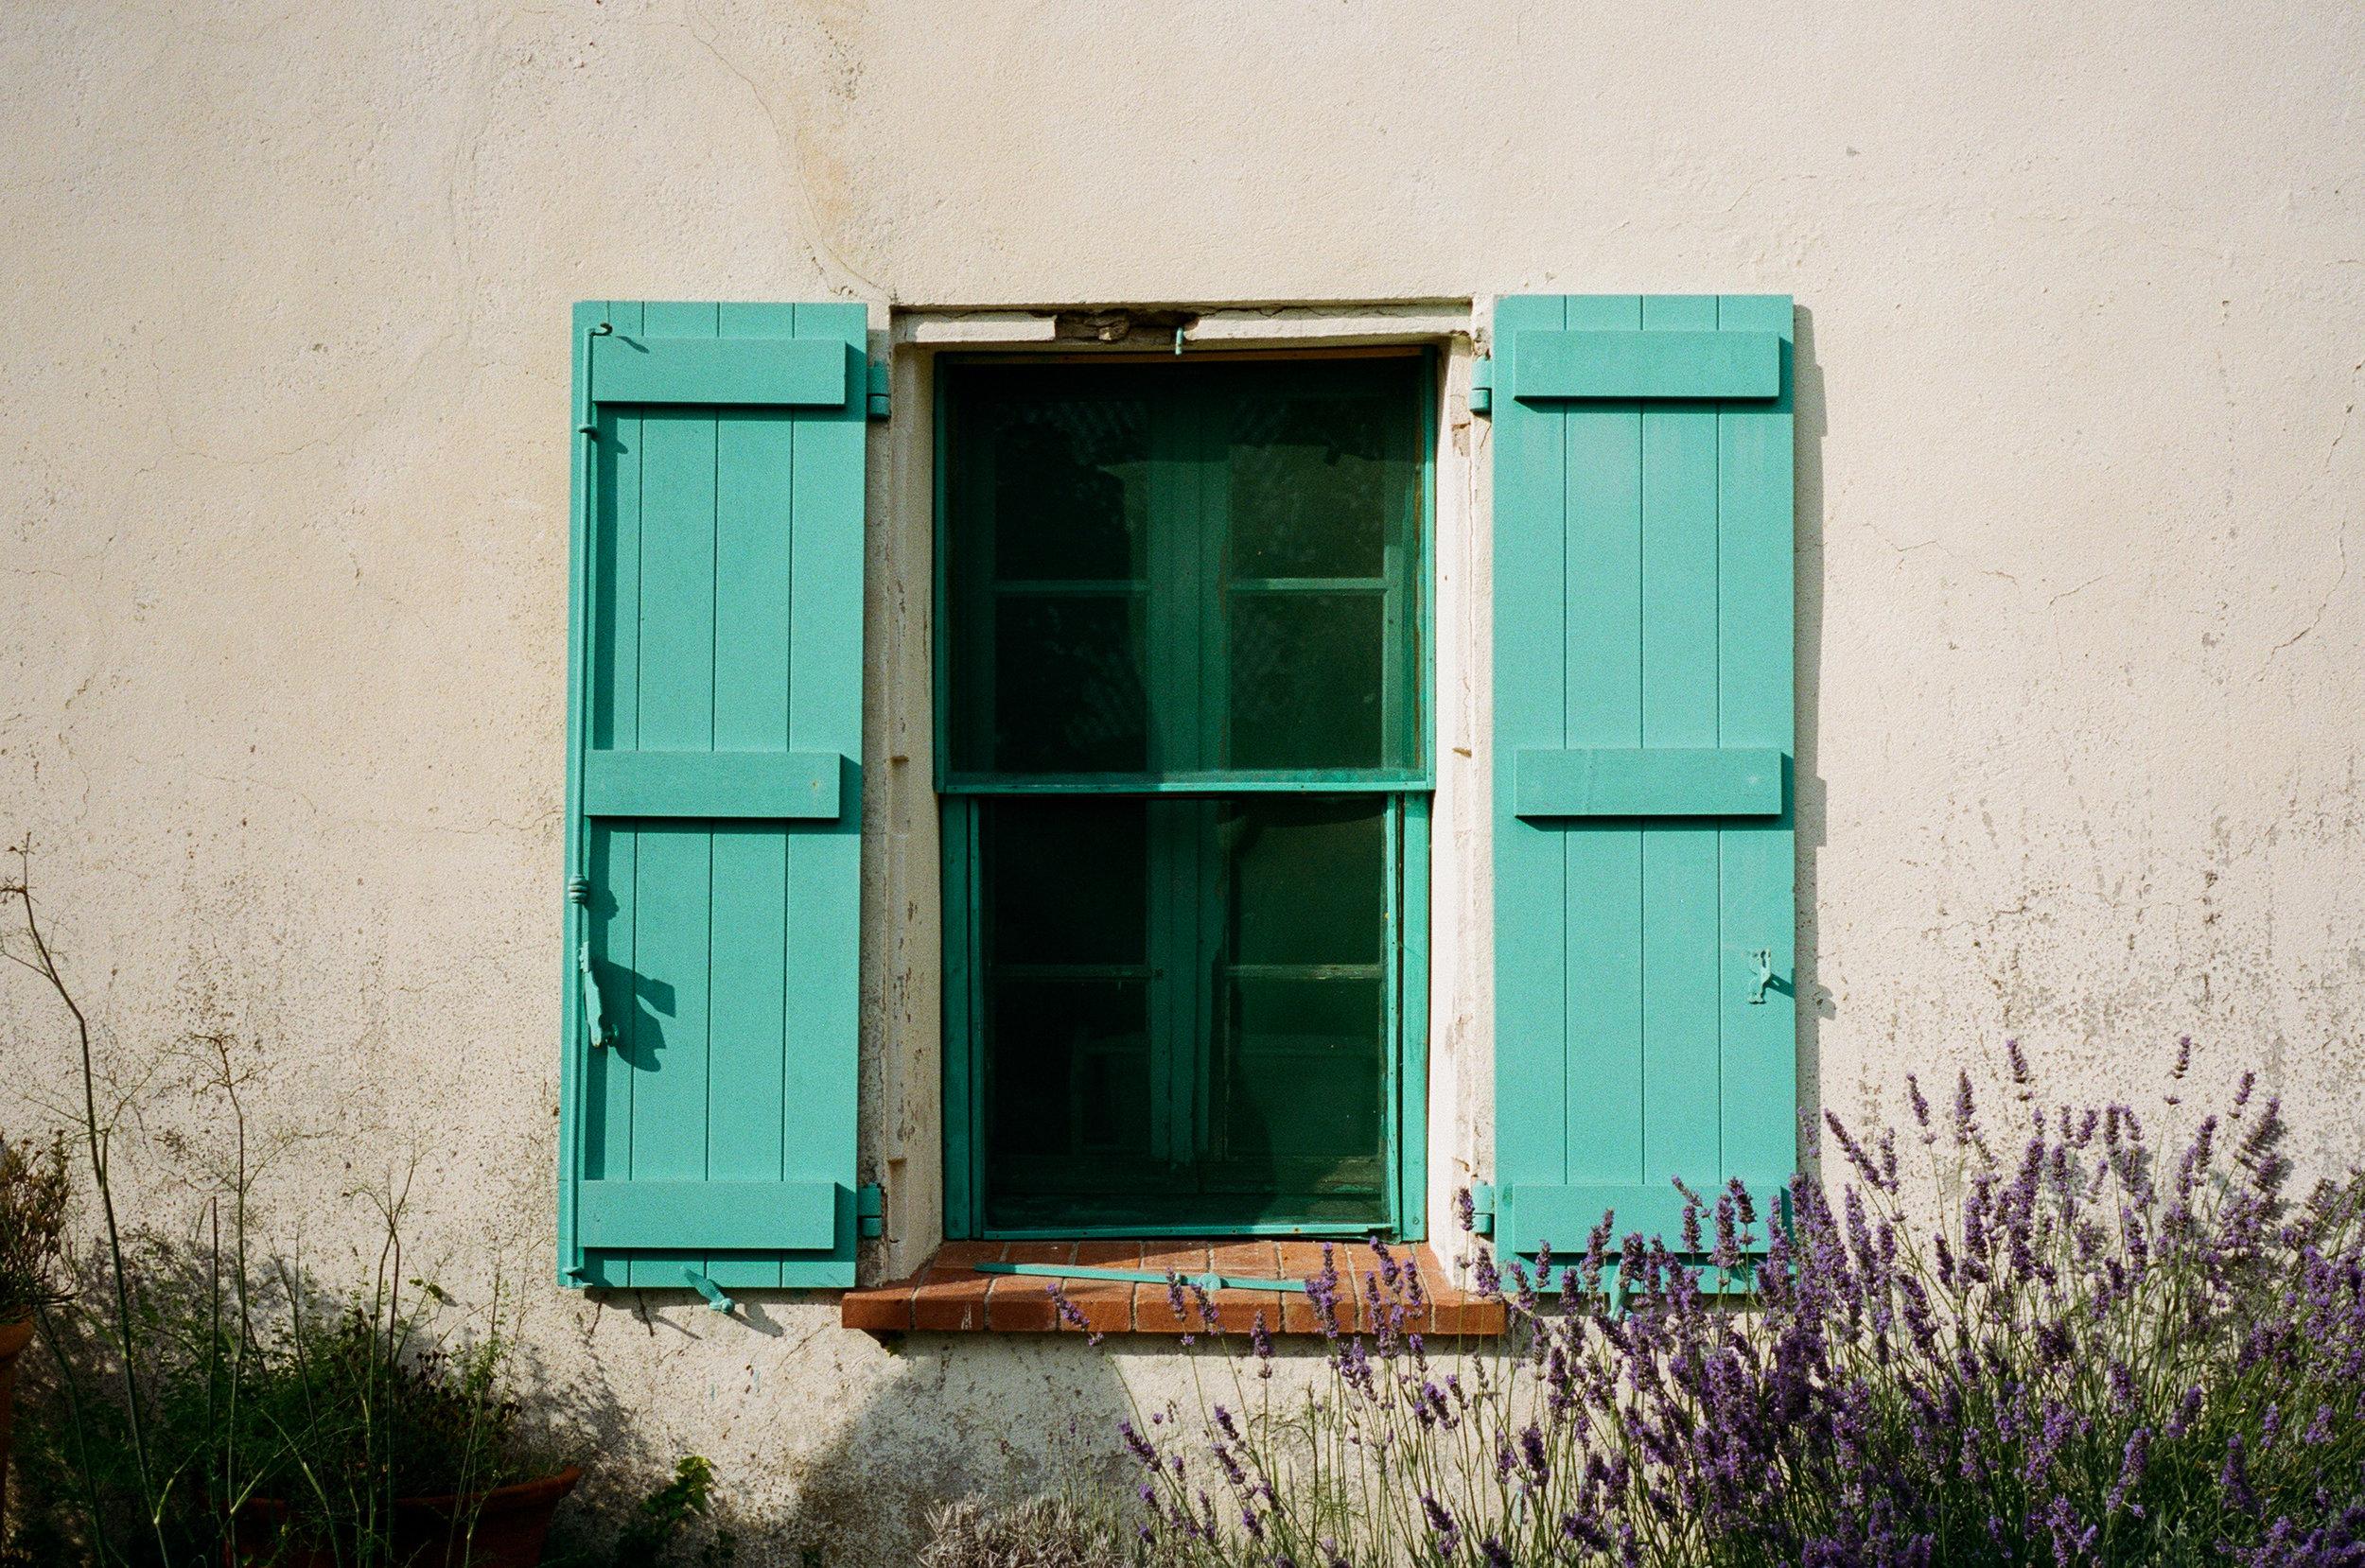 La ferme, Fréjus. France. 2016.